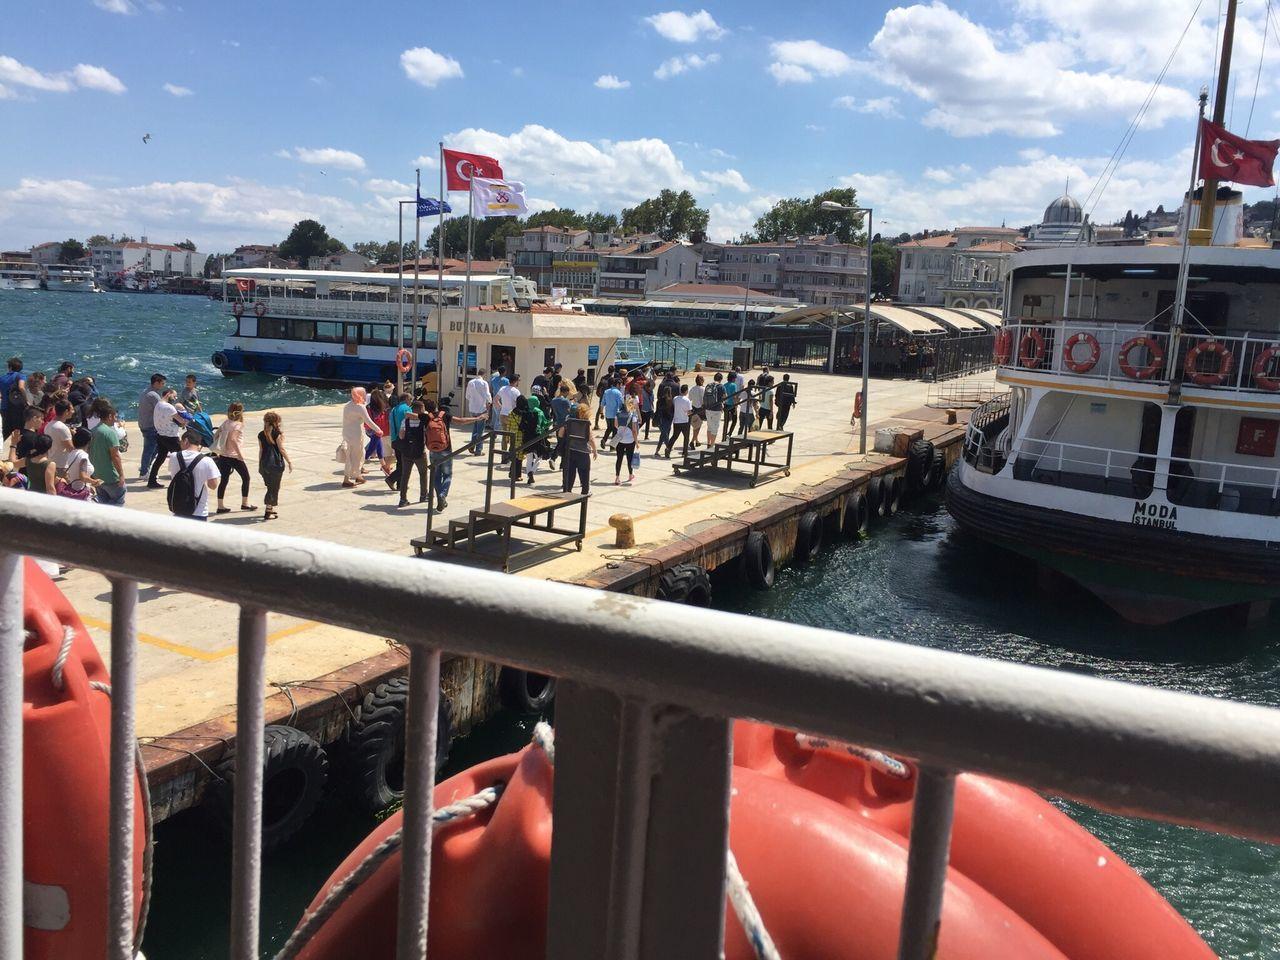 Büyük Ada - Great Island Turkey Turkey Büyükada Adalar People Sea And Sky Vapur Ve İstanbul Nice Day